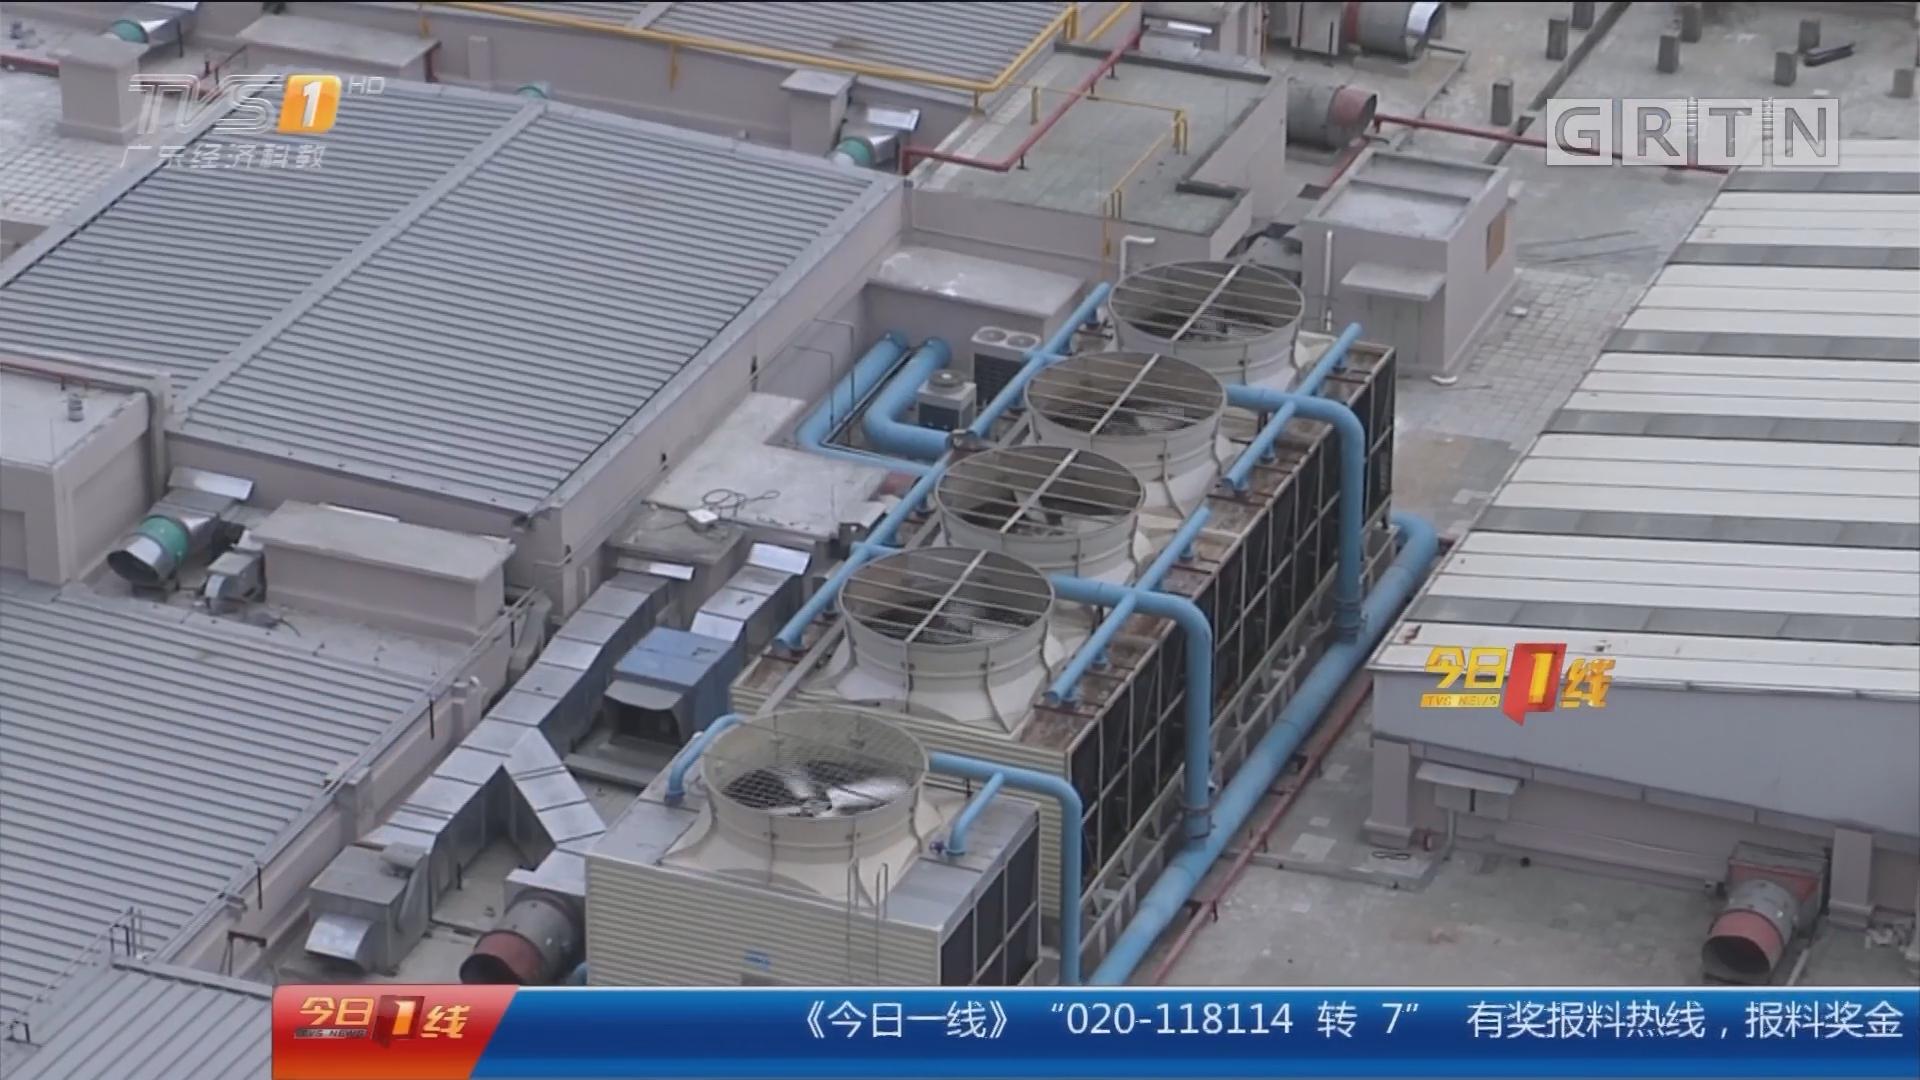 中山:商场风机噪音扰民 有关部门跟进协调